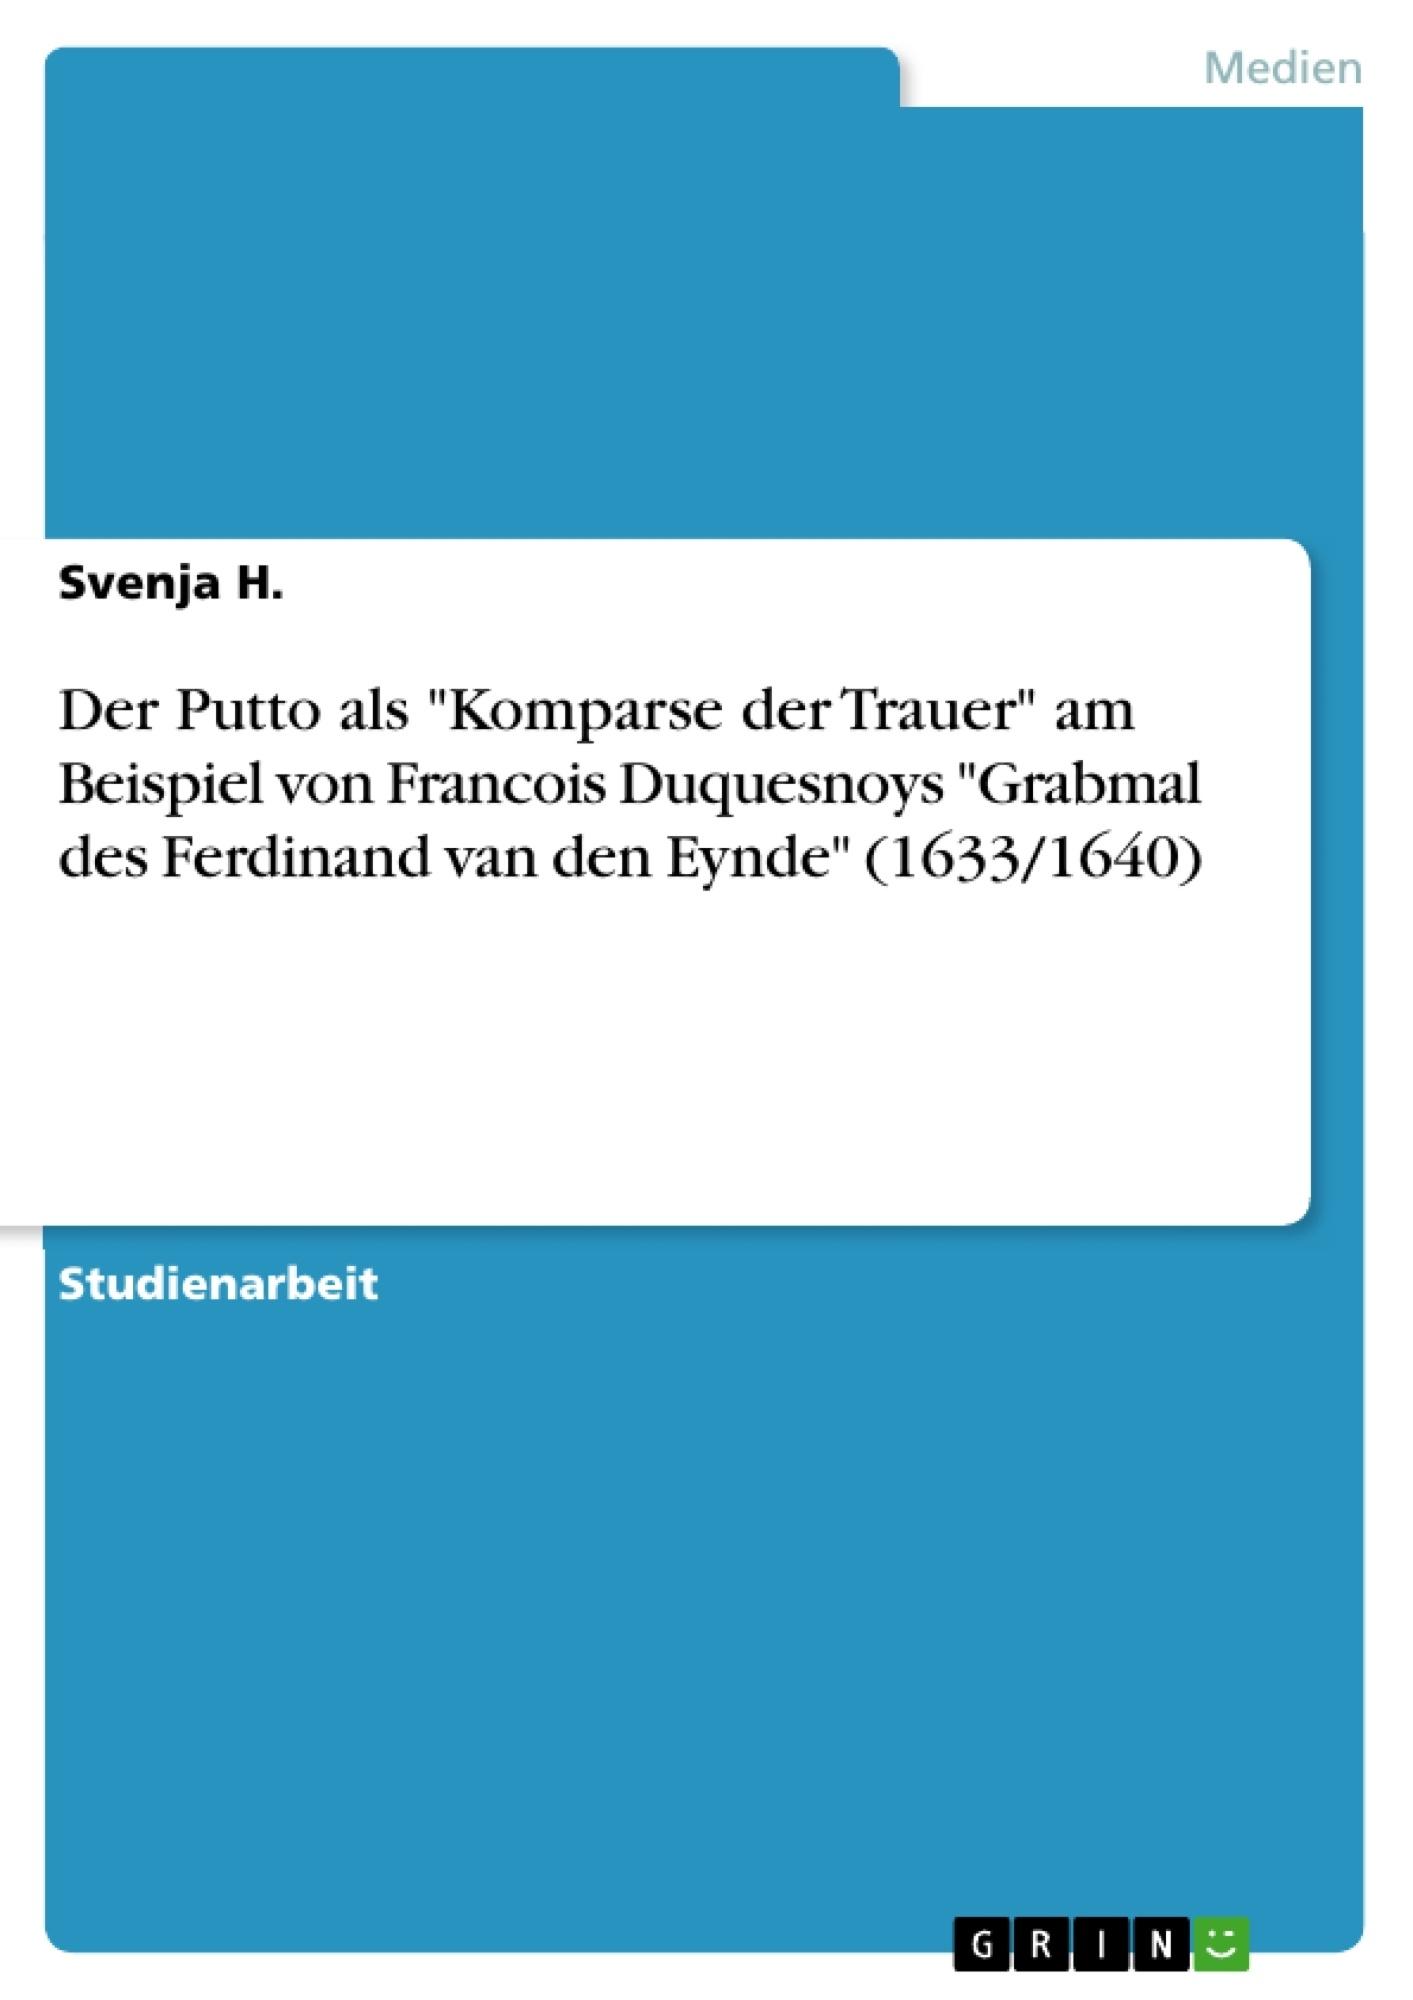 """Titel: Der Putto als """"Komparse der Trauer"""" am Beispiel von Francois Duquesnoys """"Grabmal des Ferdinand van den Eynde"""" (1633/1640)"""